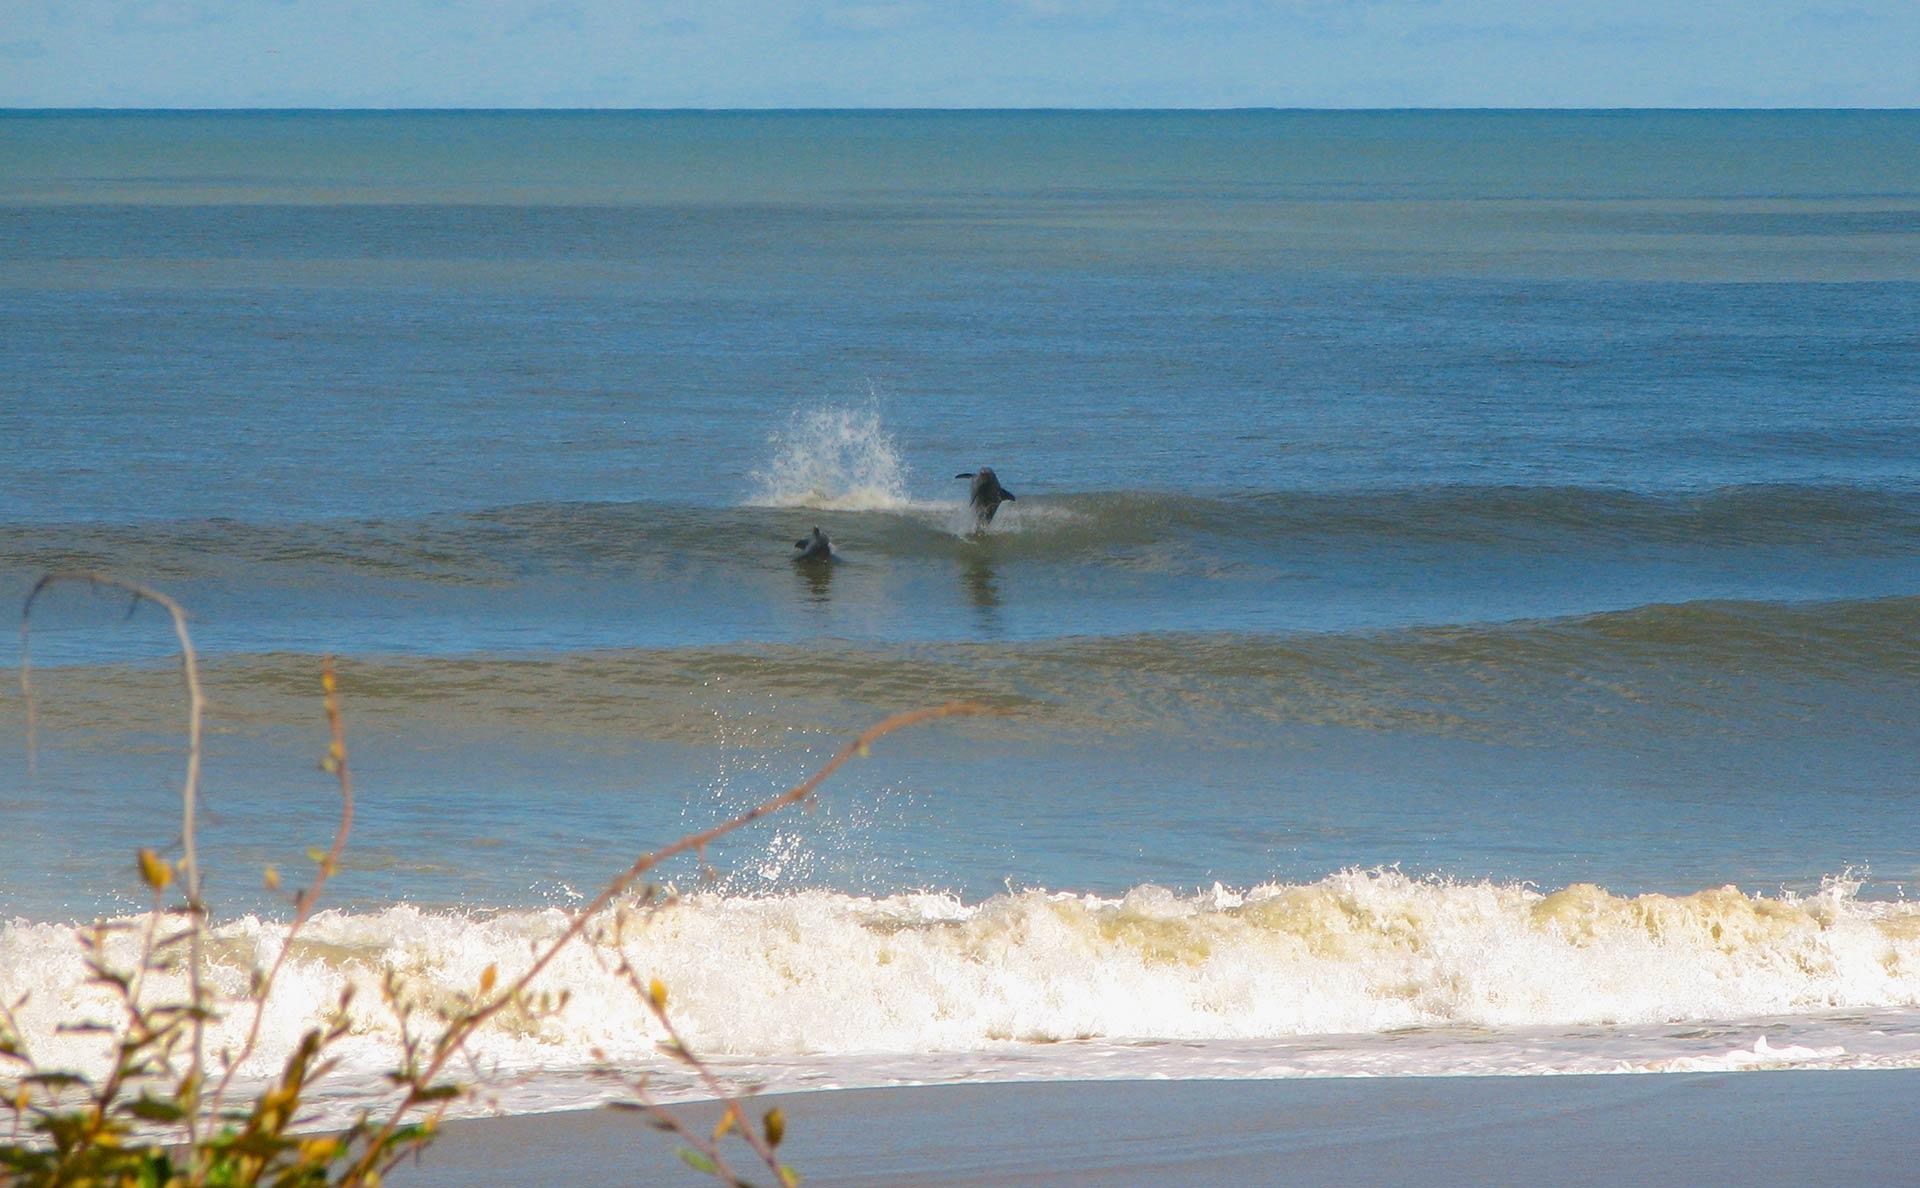 Dolphins in Sandbridge - Sandbridge Life